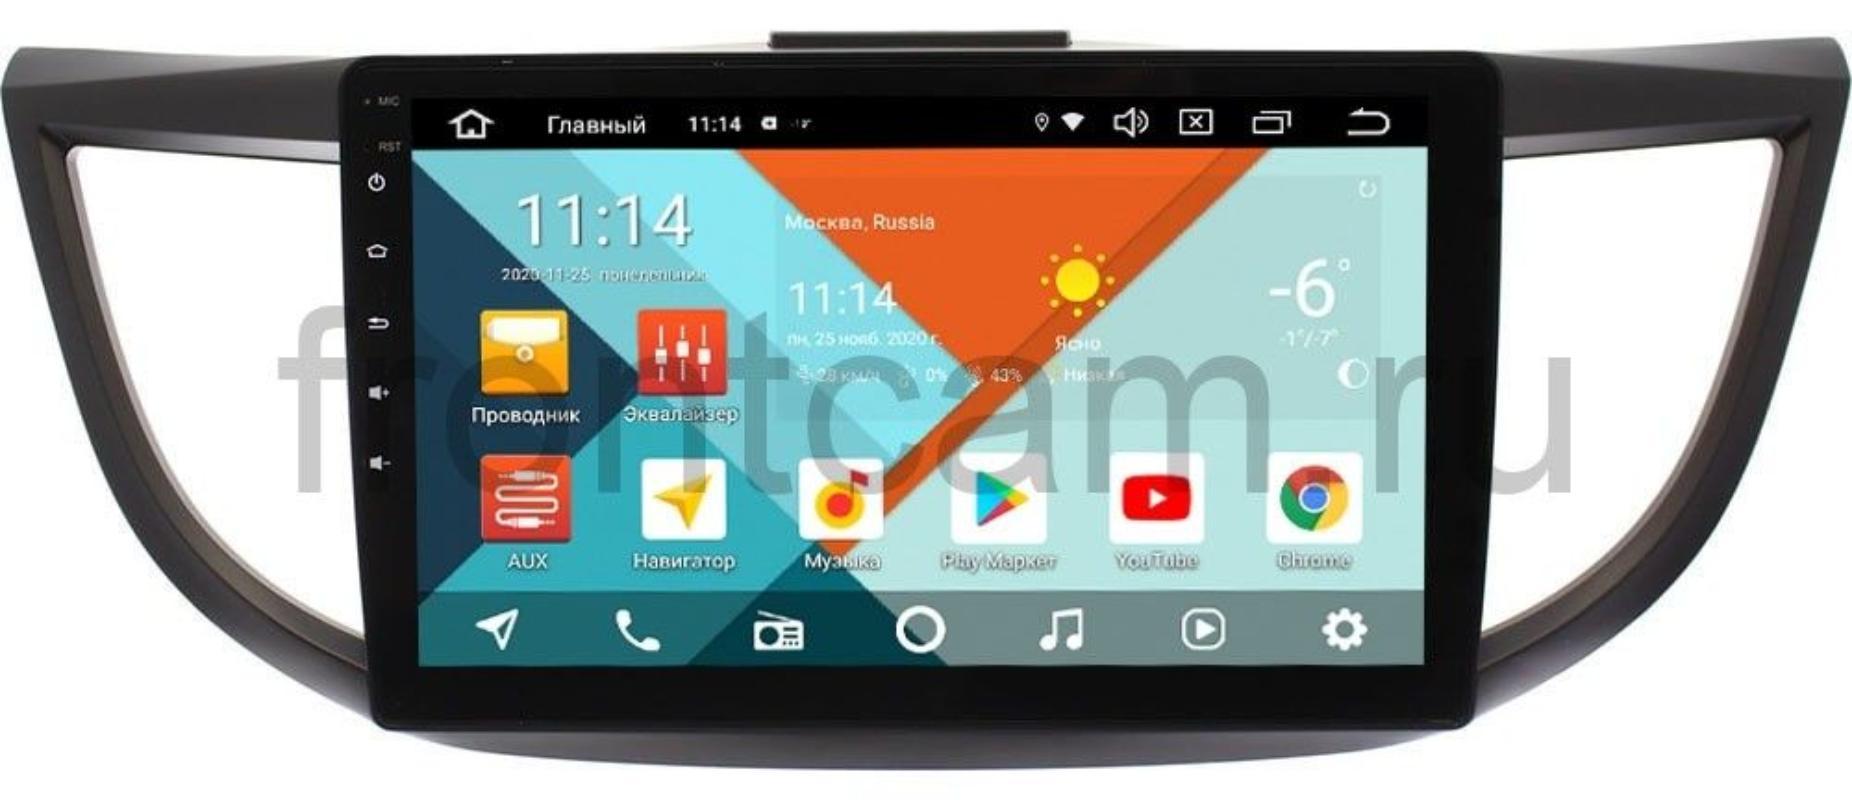 Штатная магнитола Wide Media KS1012QR-3/32 DSP CarPlay 4G-SIM для Honda CR-V IV на Android 10 (+ Камера заднего вида в подарок!)